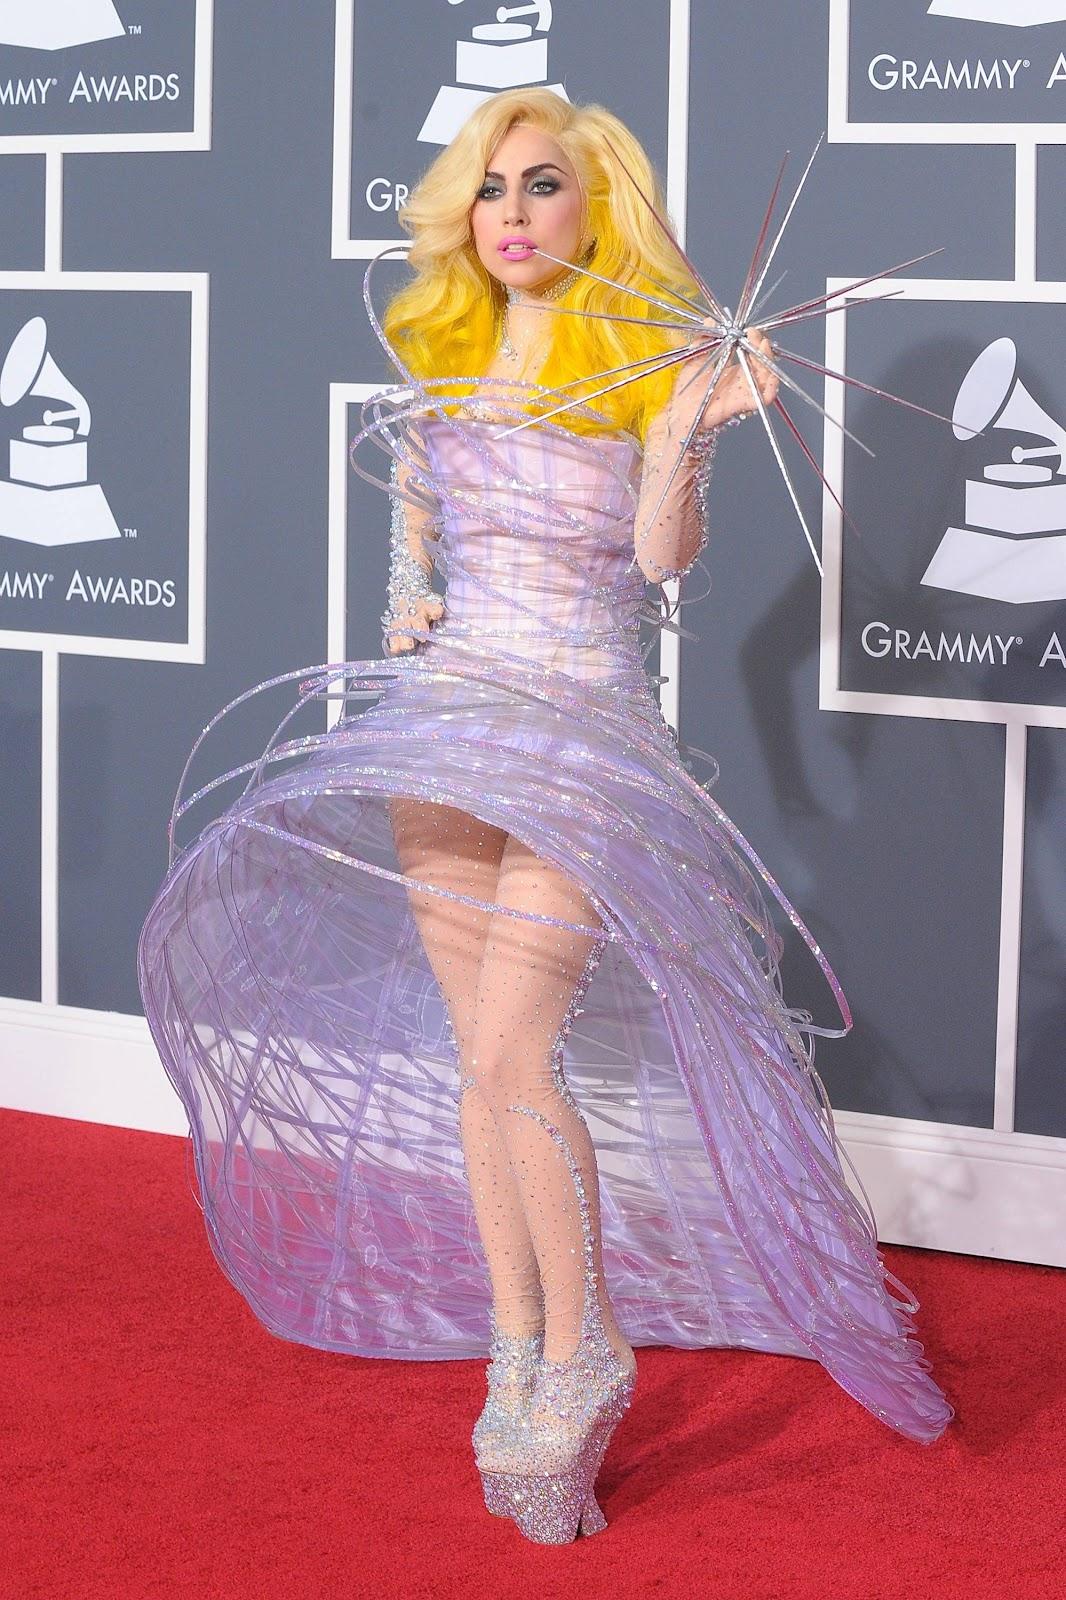 http://2.bp.blogspot.com/-3dqtJGeWTXg/Tztld7Xni0I/AAAAAAAAPCA/SuvJm_8noL4/s1600/Lady+Gaga+Hairstyle+(331).jpg